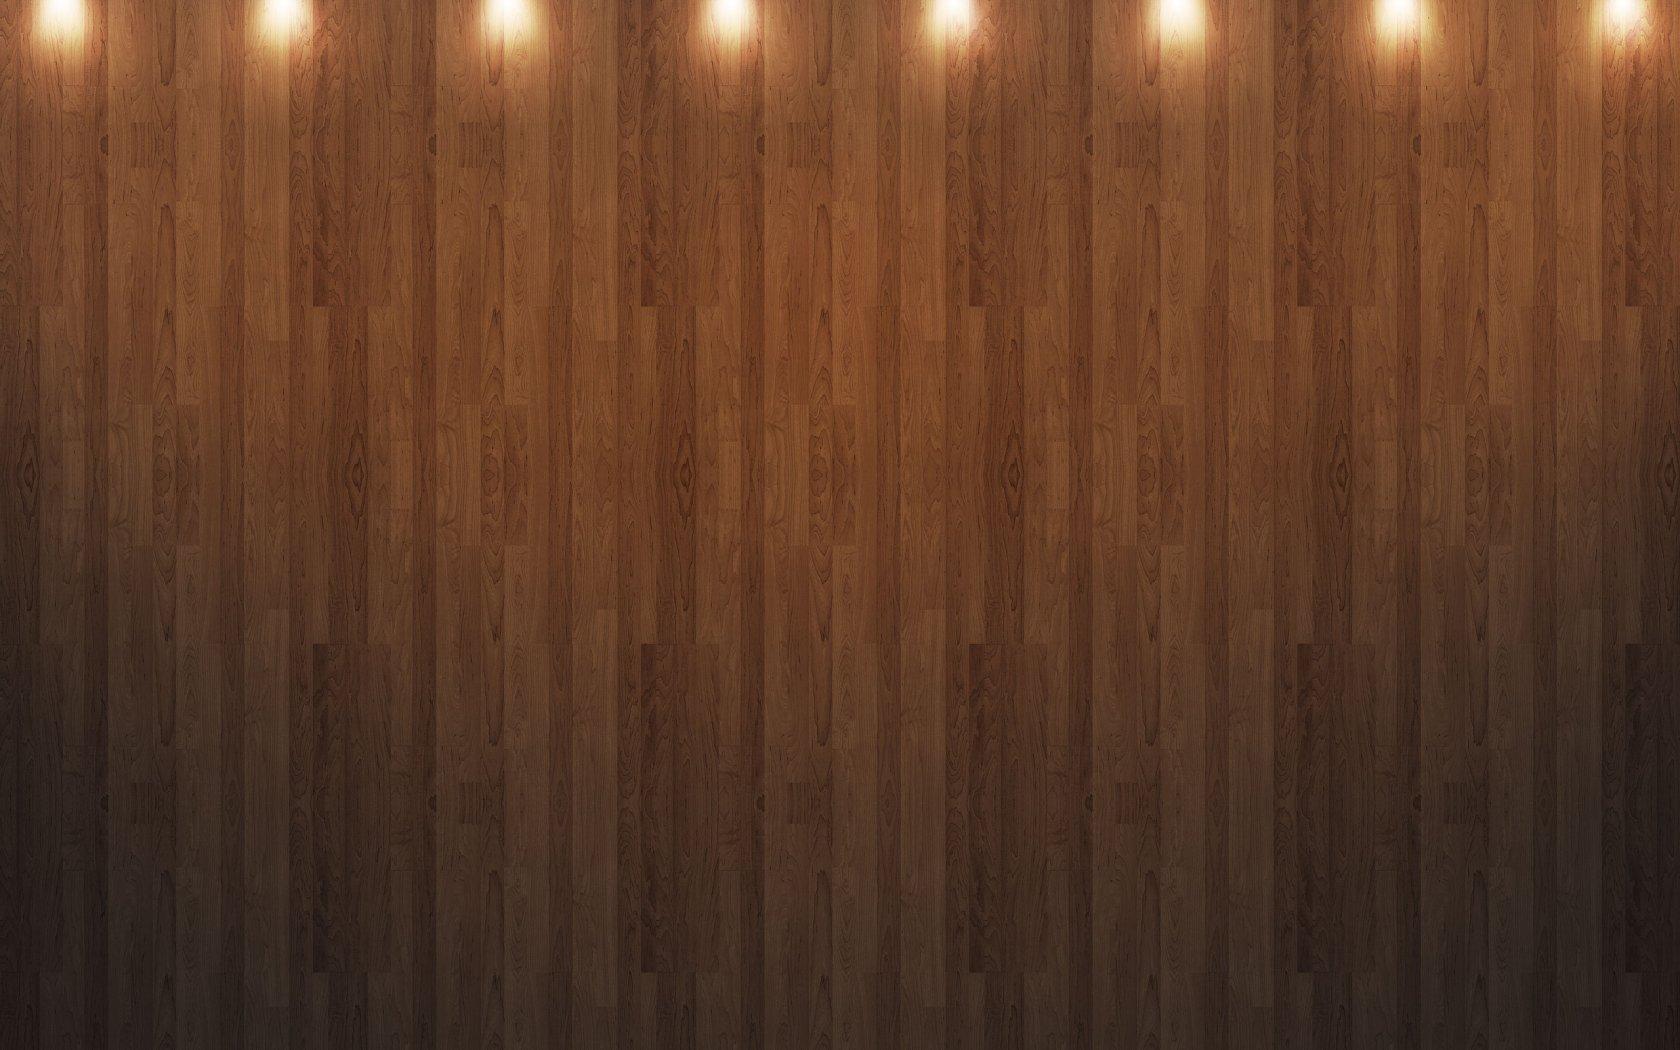 Wood Computer Wallpapers Desktop Backgrounds 1680x1050 ID81672 1680x1050